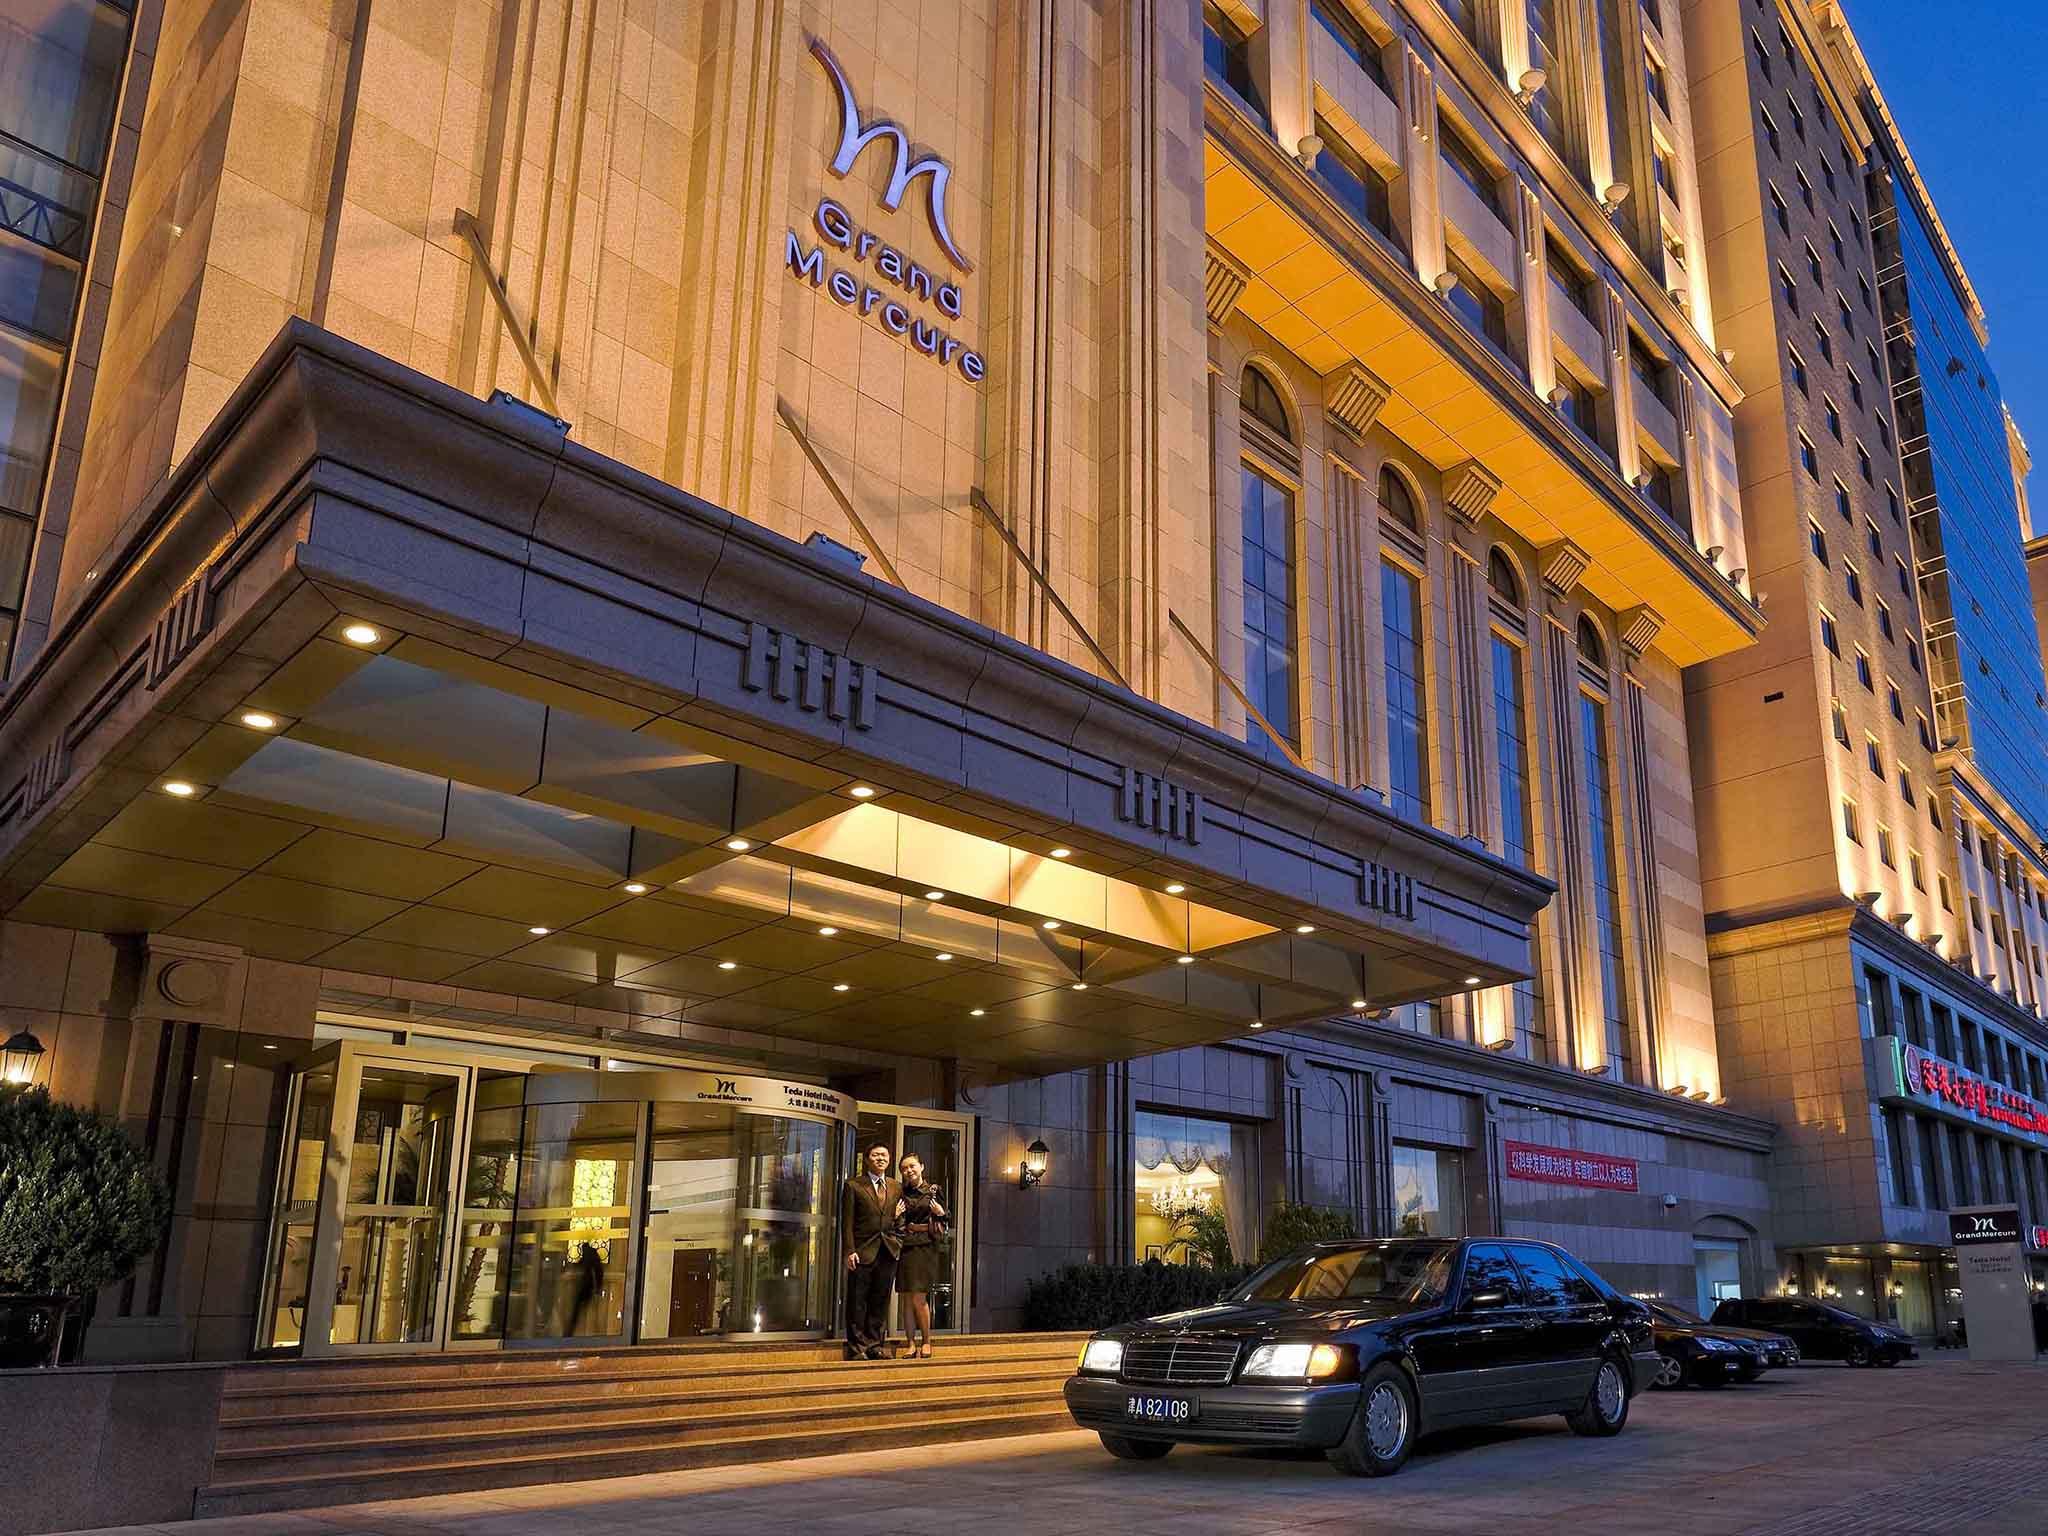 ホテル – グランドメルキュール大連テーダ